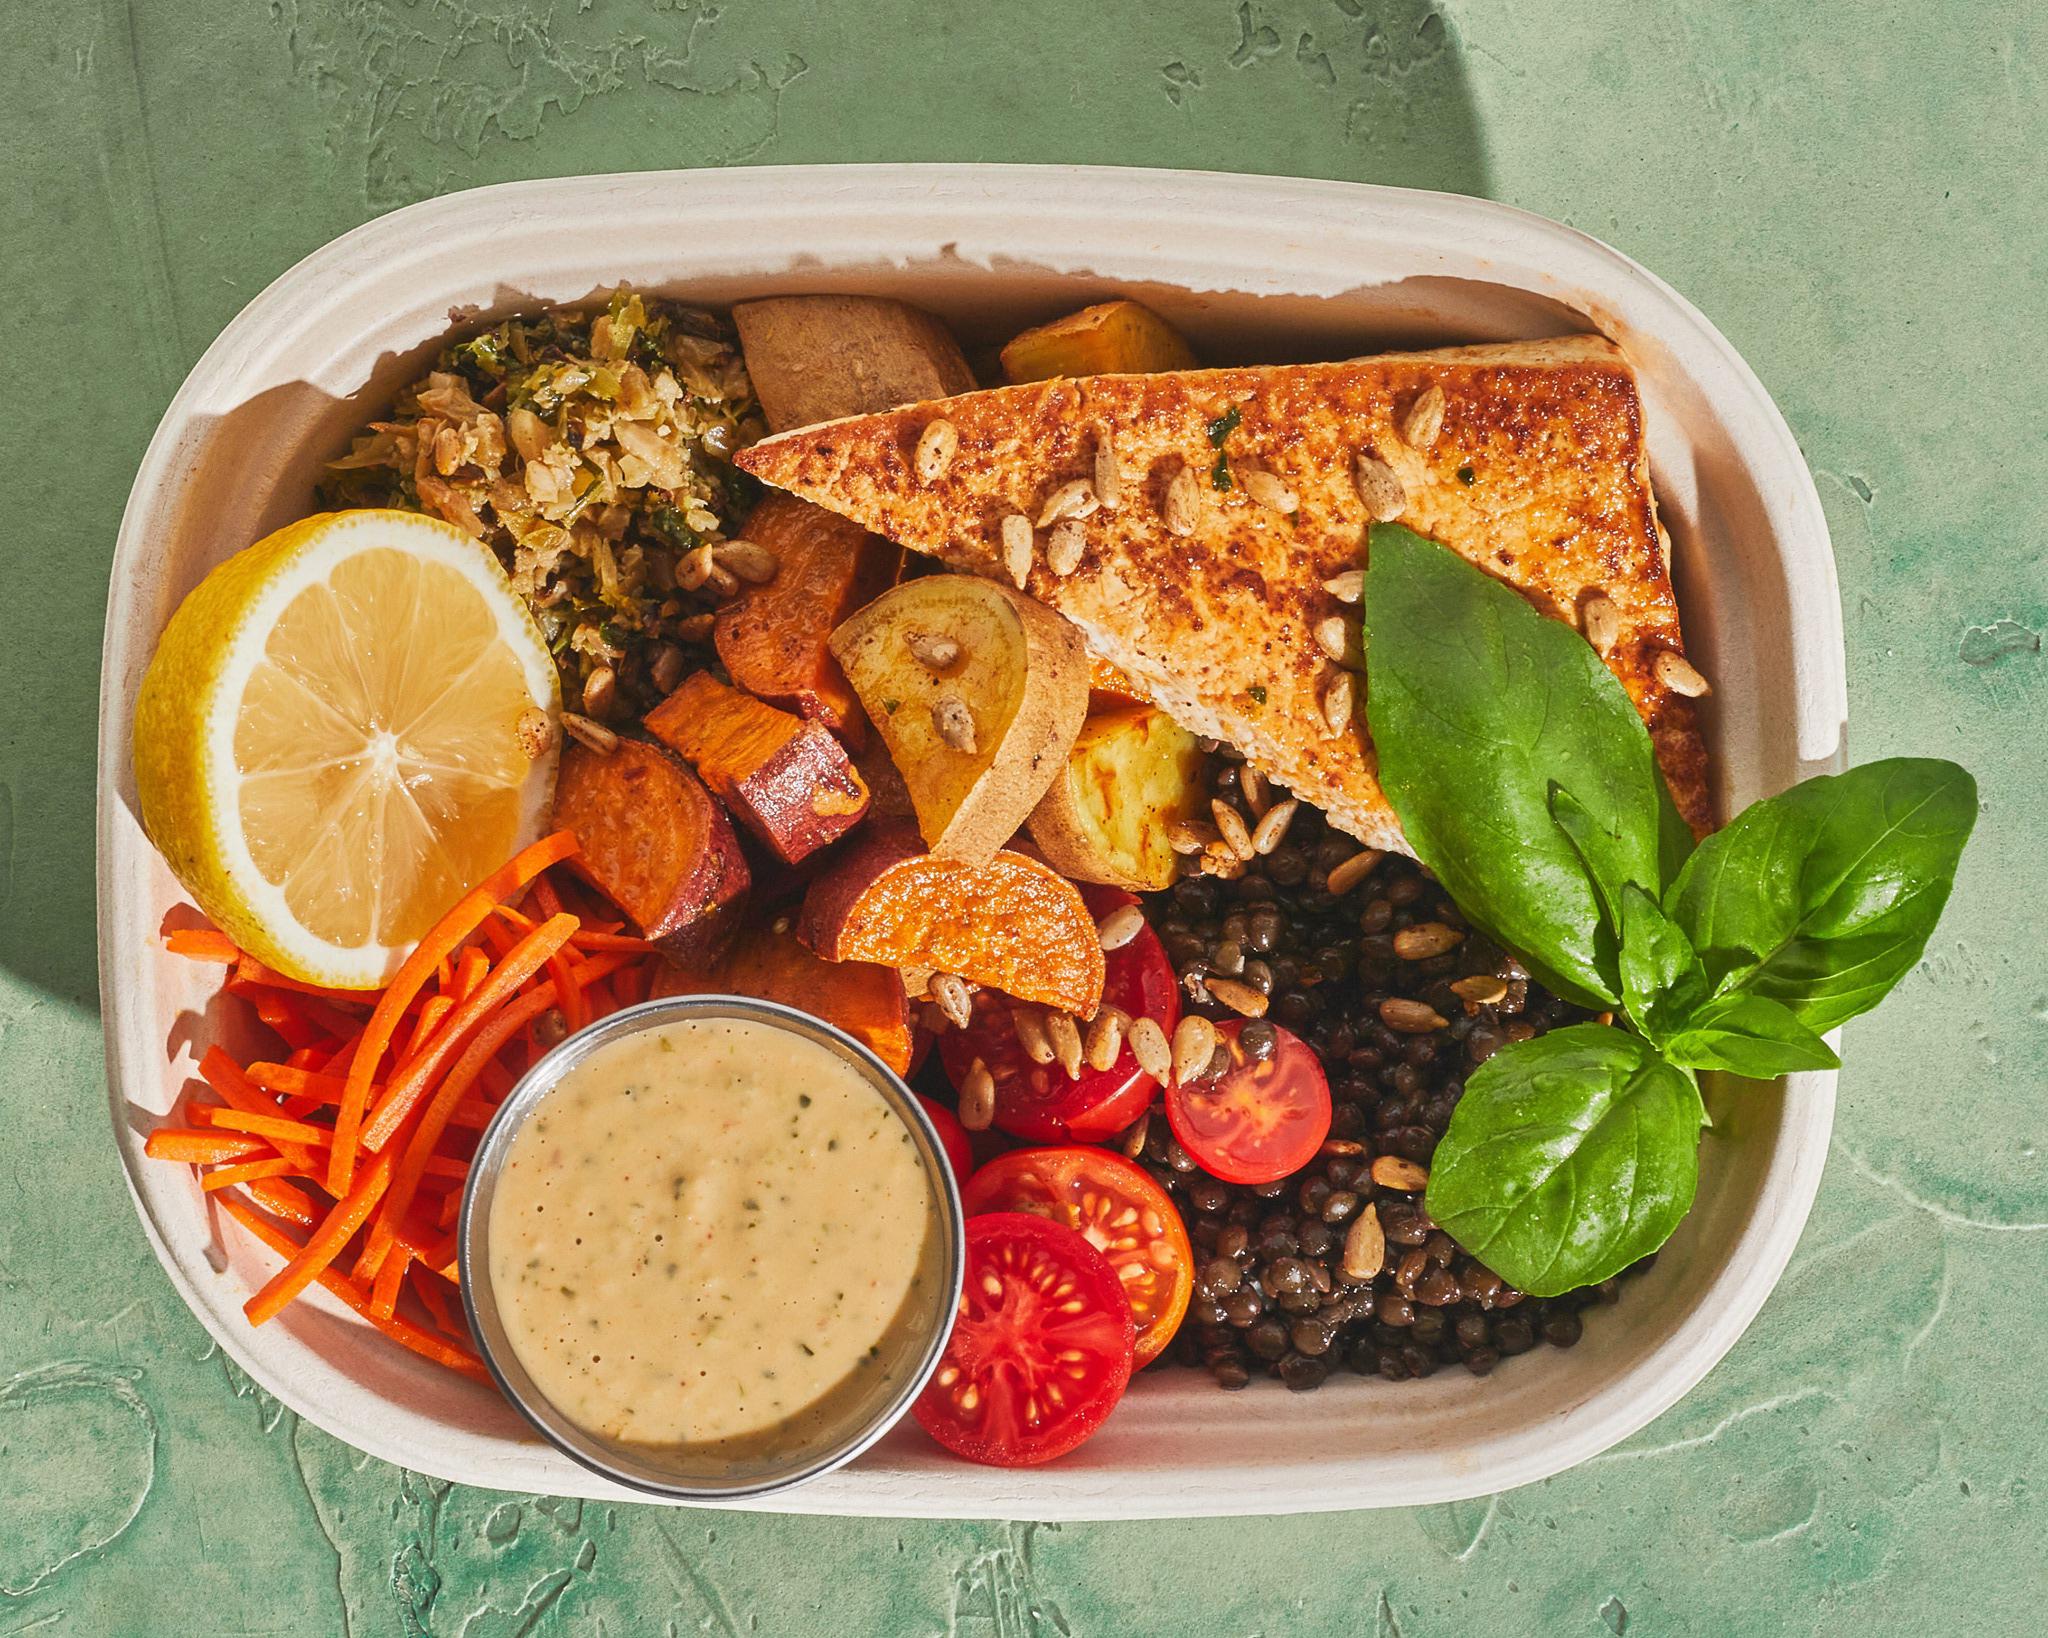 A tofu steak bowl from Sweetgreen